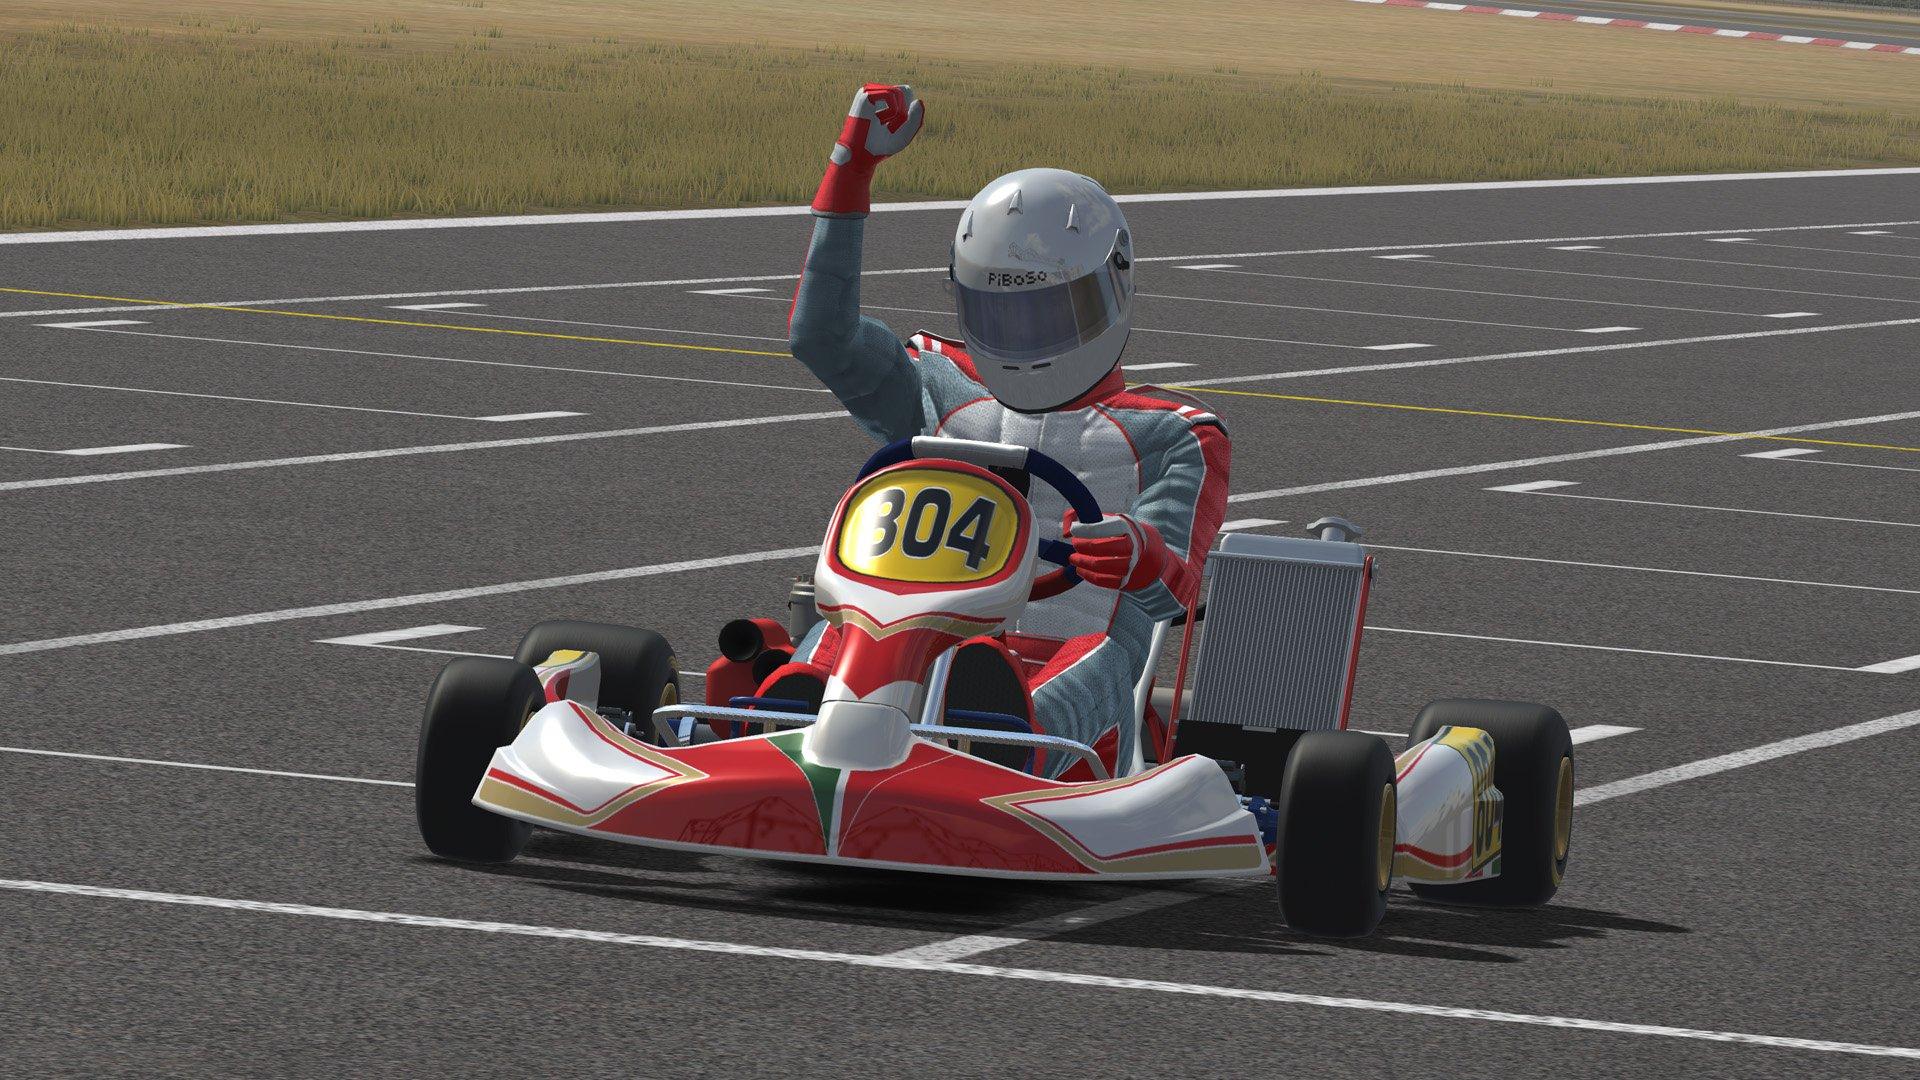 Kart Racing Pro driver cheering